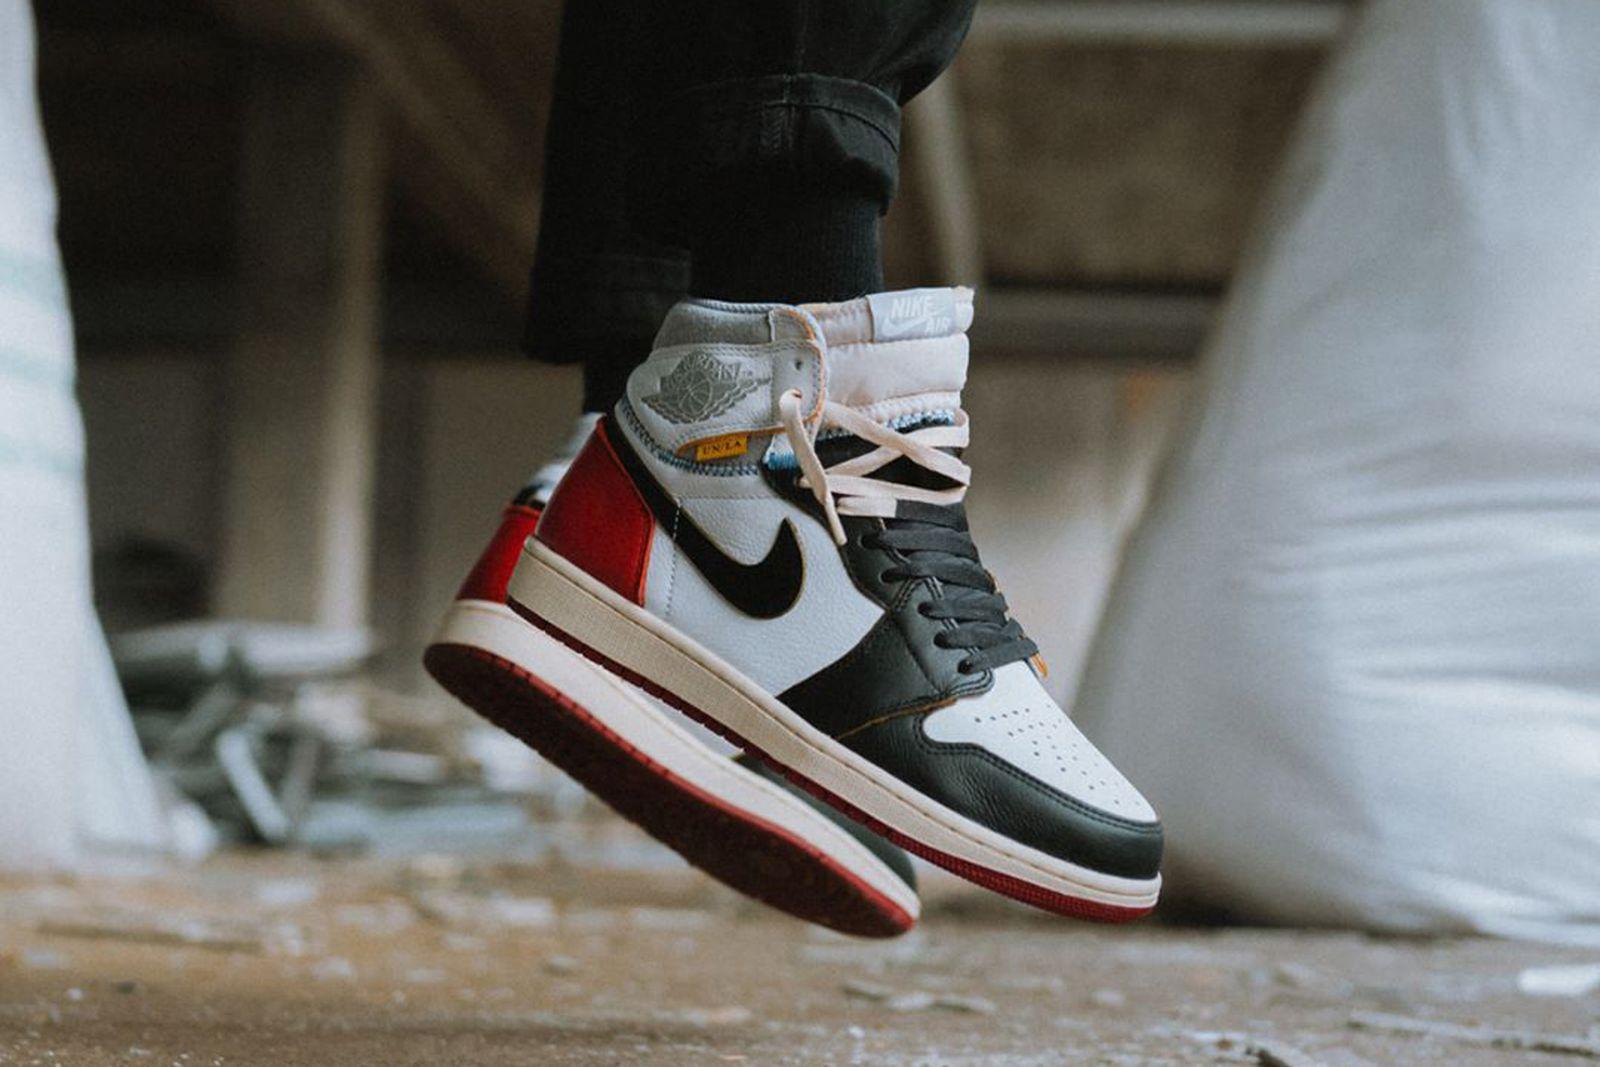 Union x Air Jordan 1 & More of the Best Instagram Sneakers